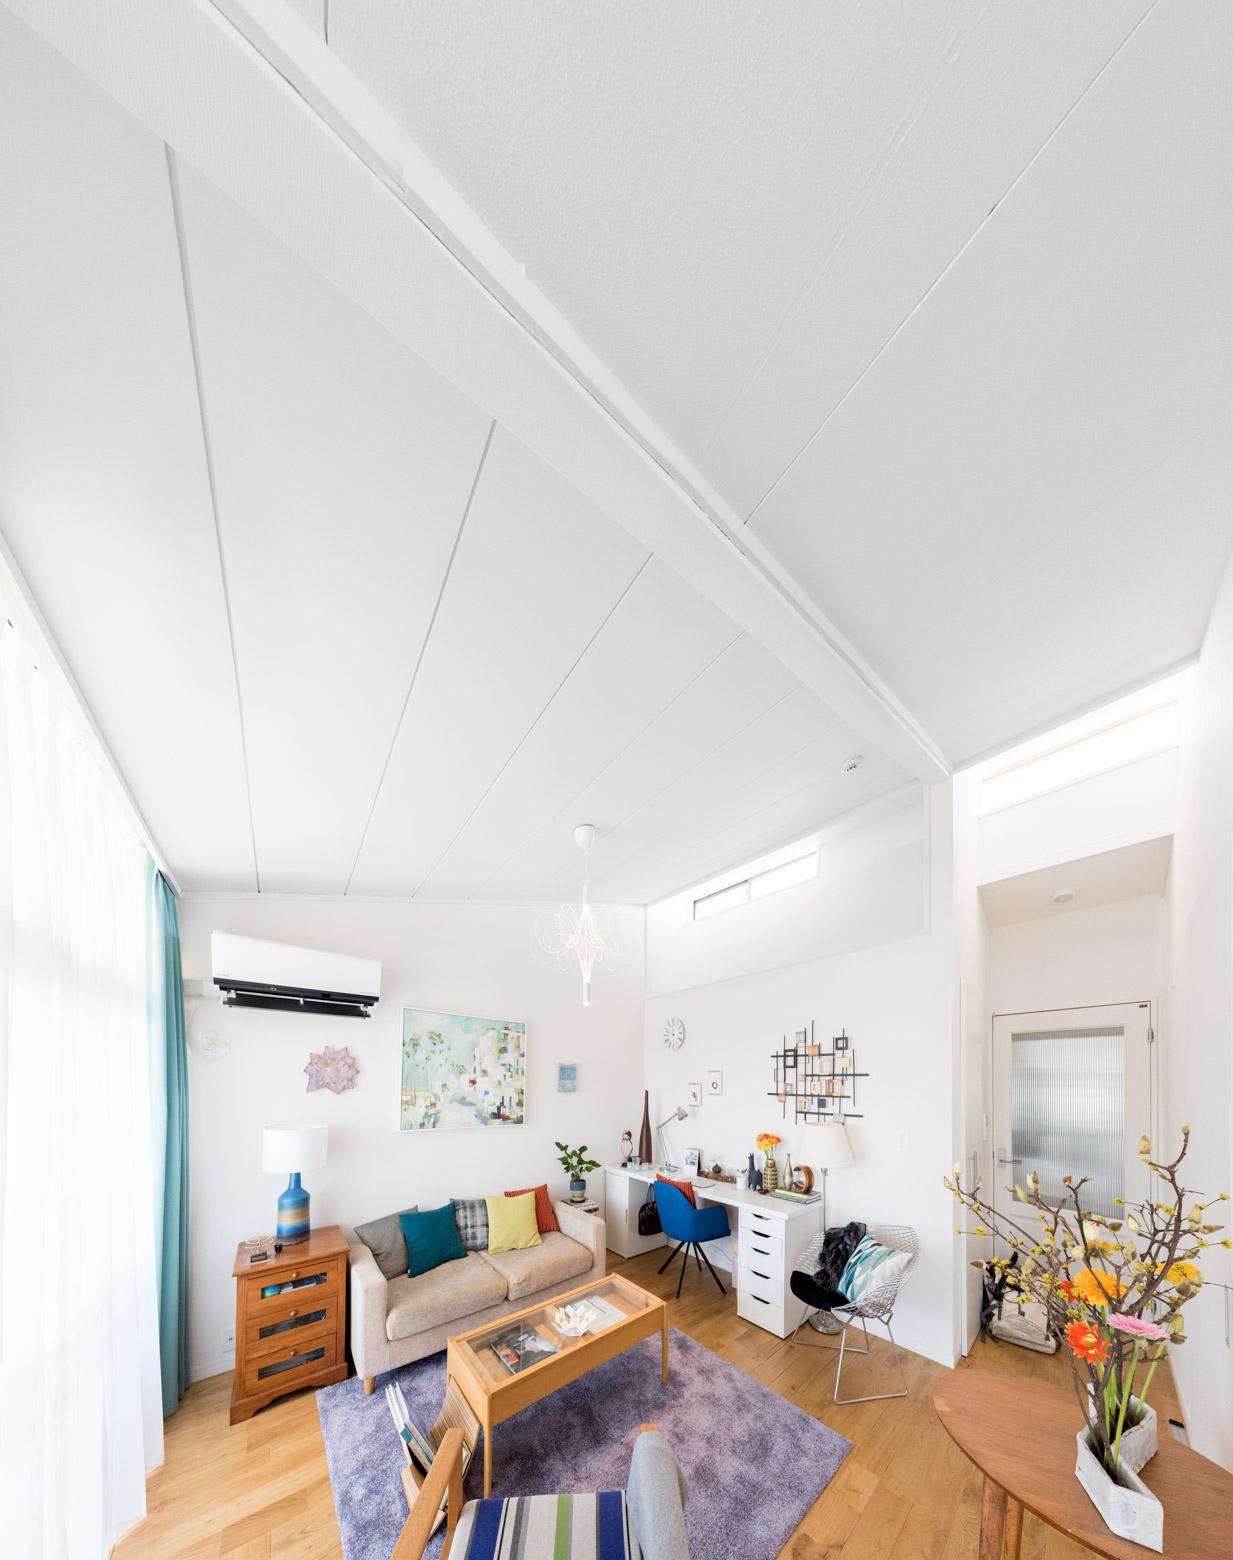 立面方向で見ると、天井が高いこともあって「部屋の下の方がカラフルで、上の方がシンプルに白い」というコントラストが印象的。